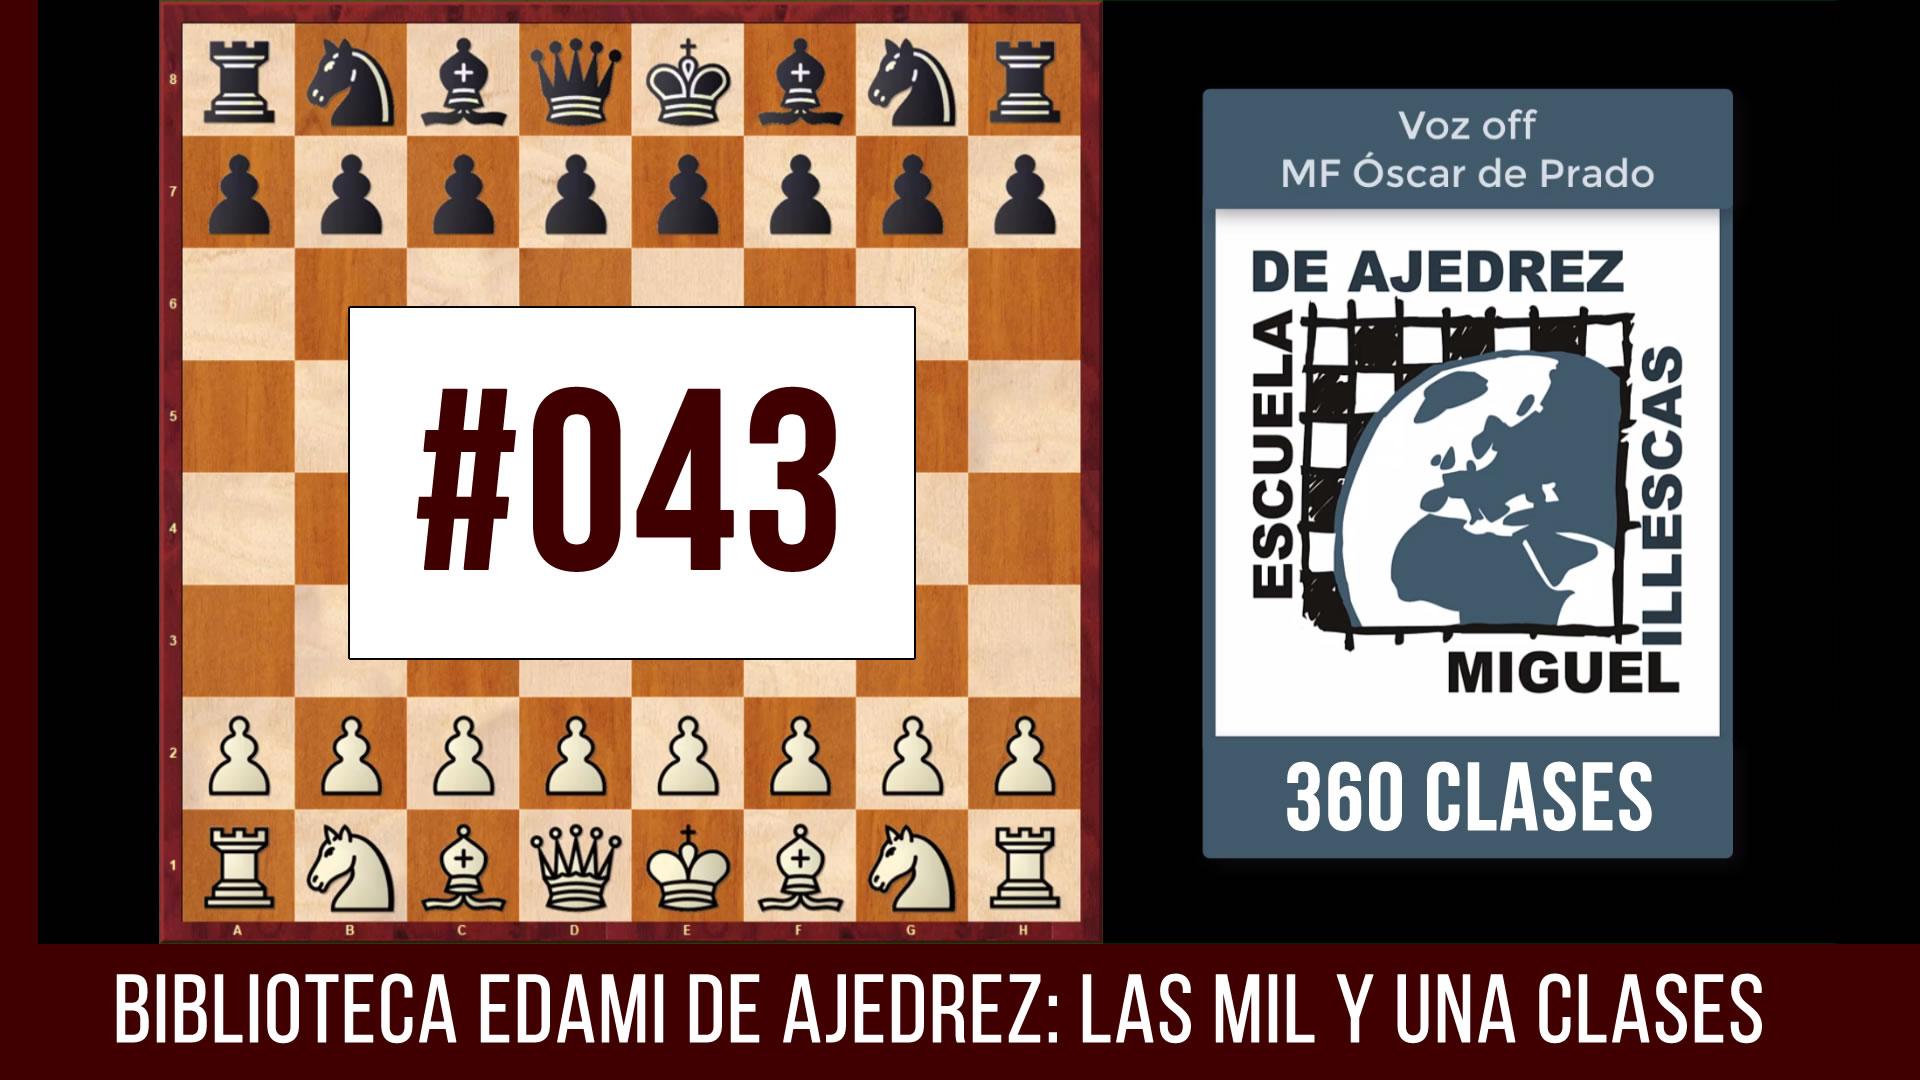 Clases de ajedrez #043 y #44 - EDAMI